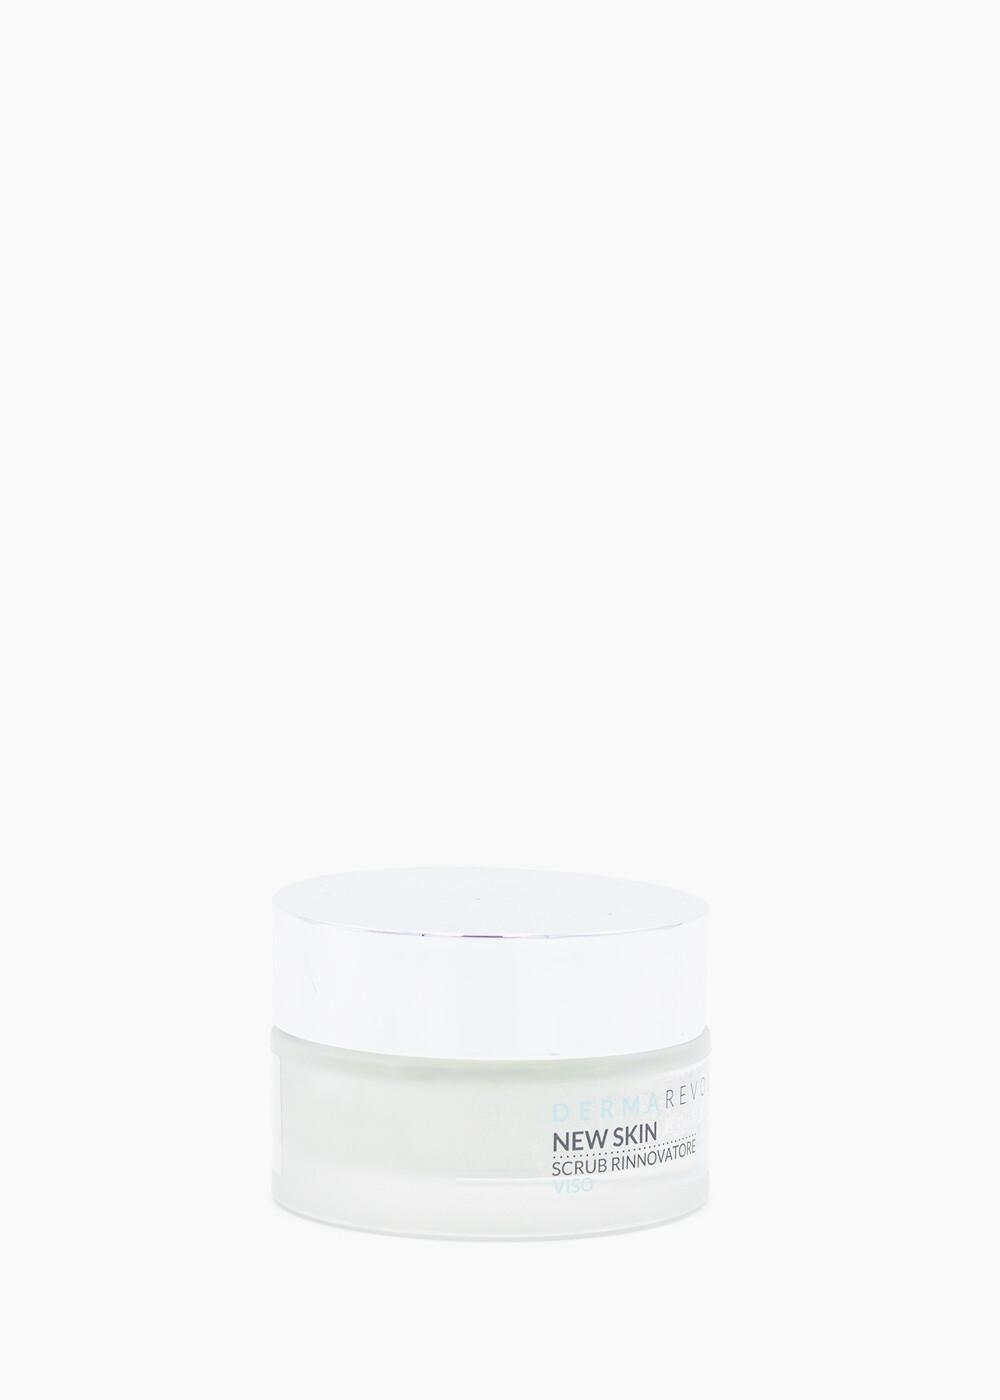 gel-scrub-per-esfoliare-e-ammorbidire-la-pelle-estetica-le-muse-YFET2747F7-laterale-a